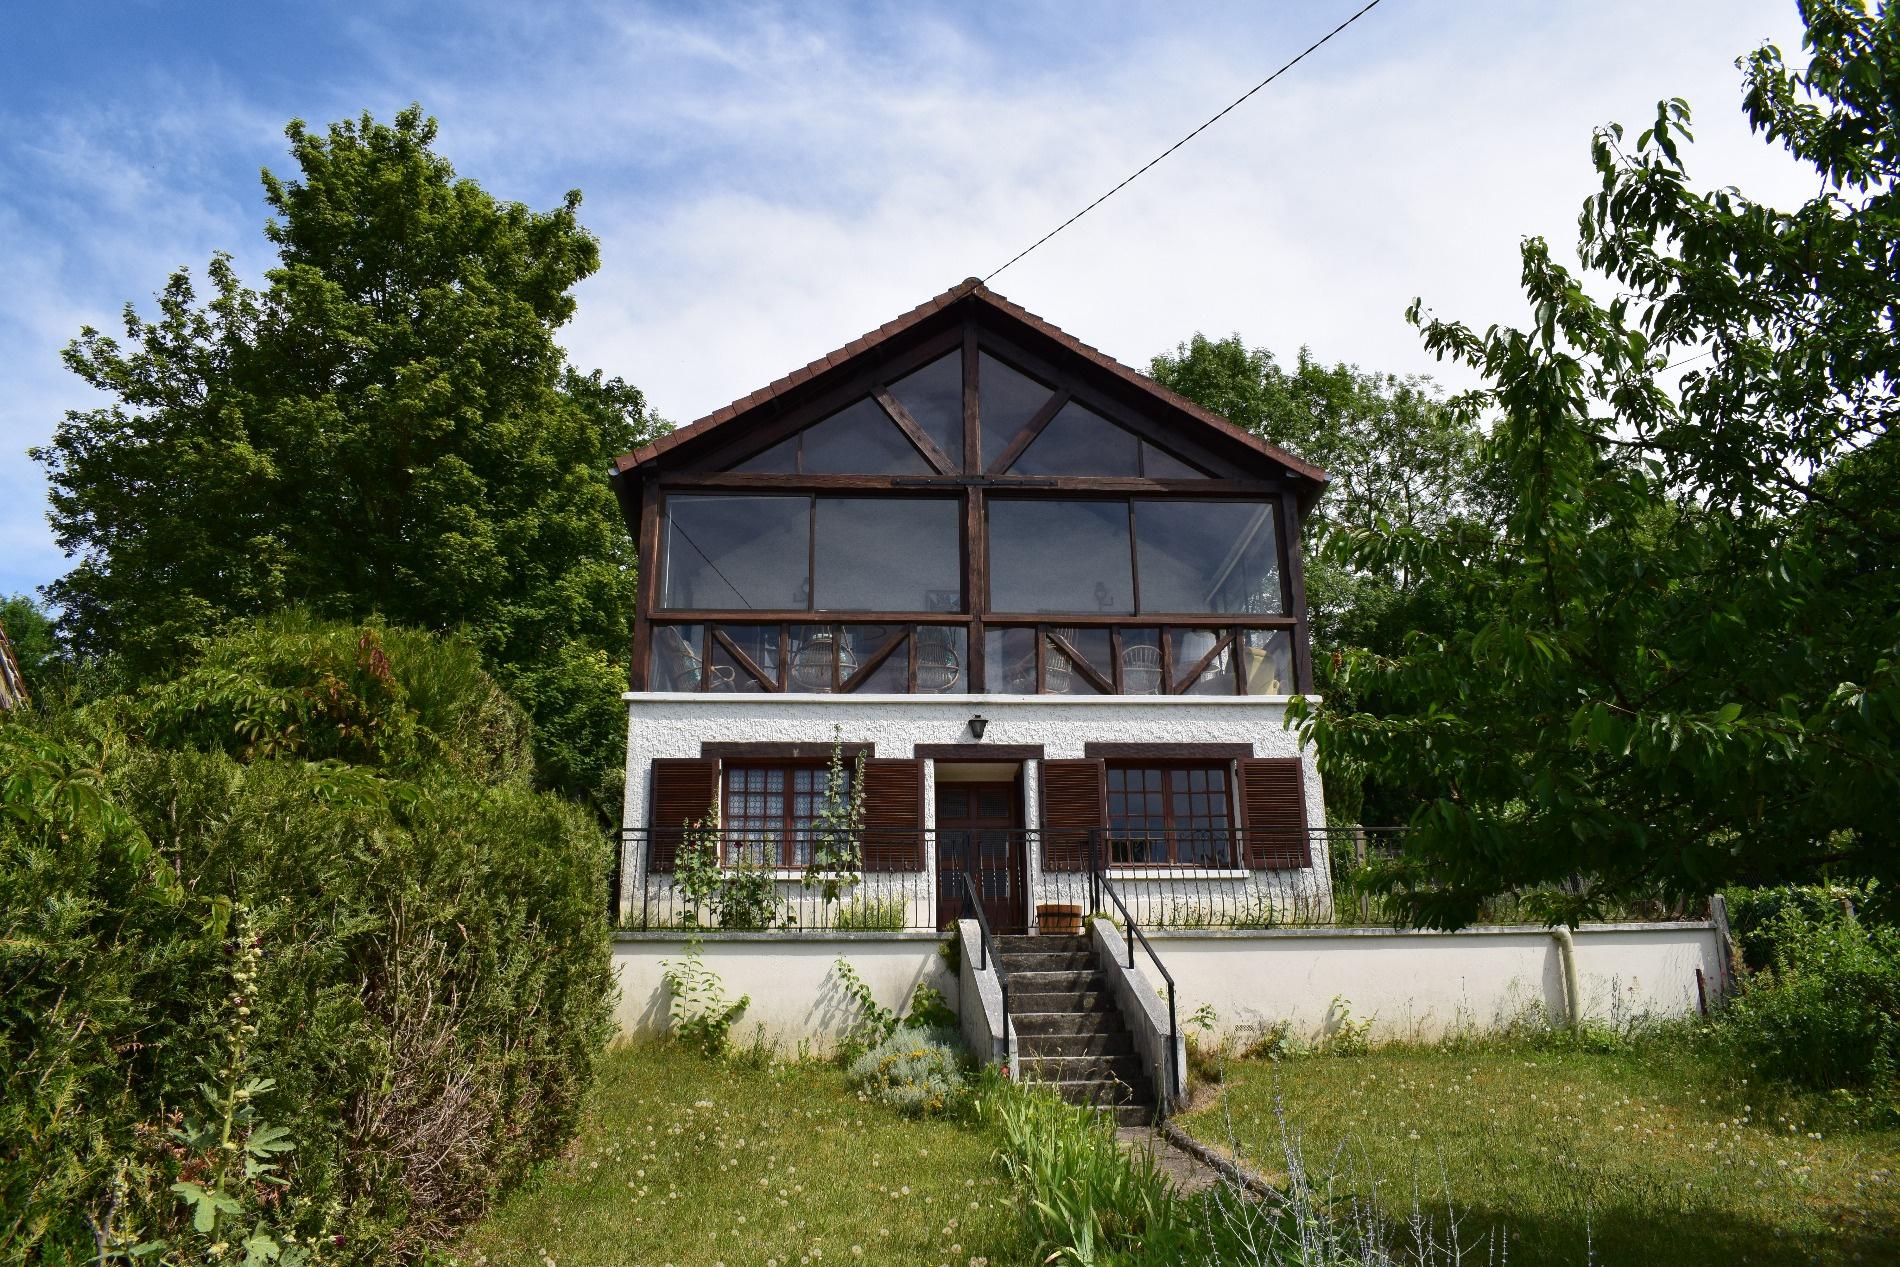 Vente maison 7 pi ces 5 chambres for Bureau vallee dreux